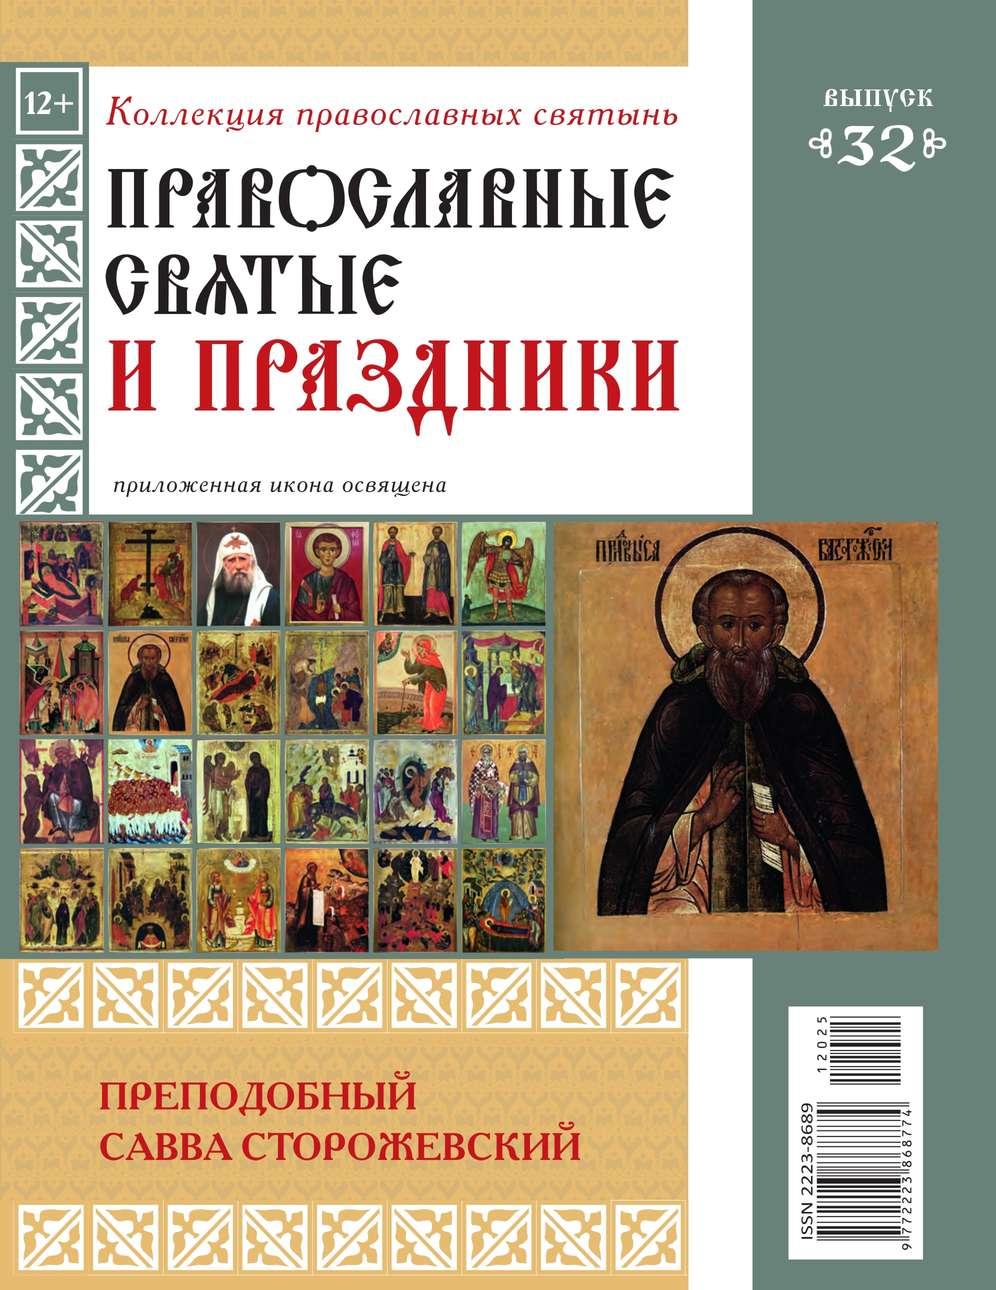 Редакция журнала Коллекция Православных Святынь Коллекция Православных Святынь 32 отсутствует великие монастыри 100 святынь православия